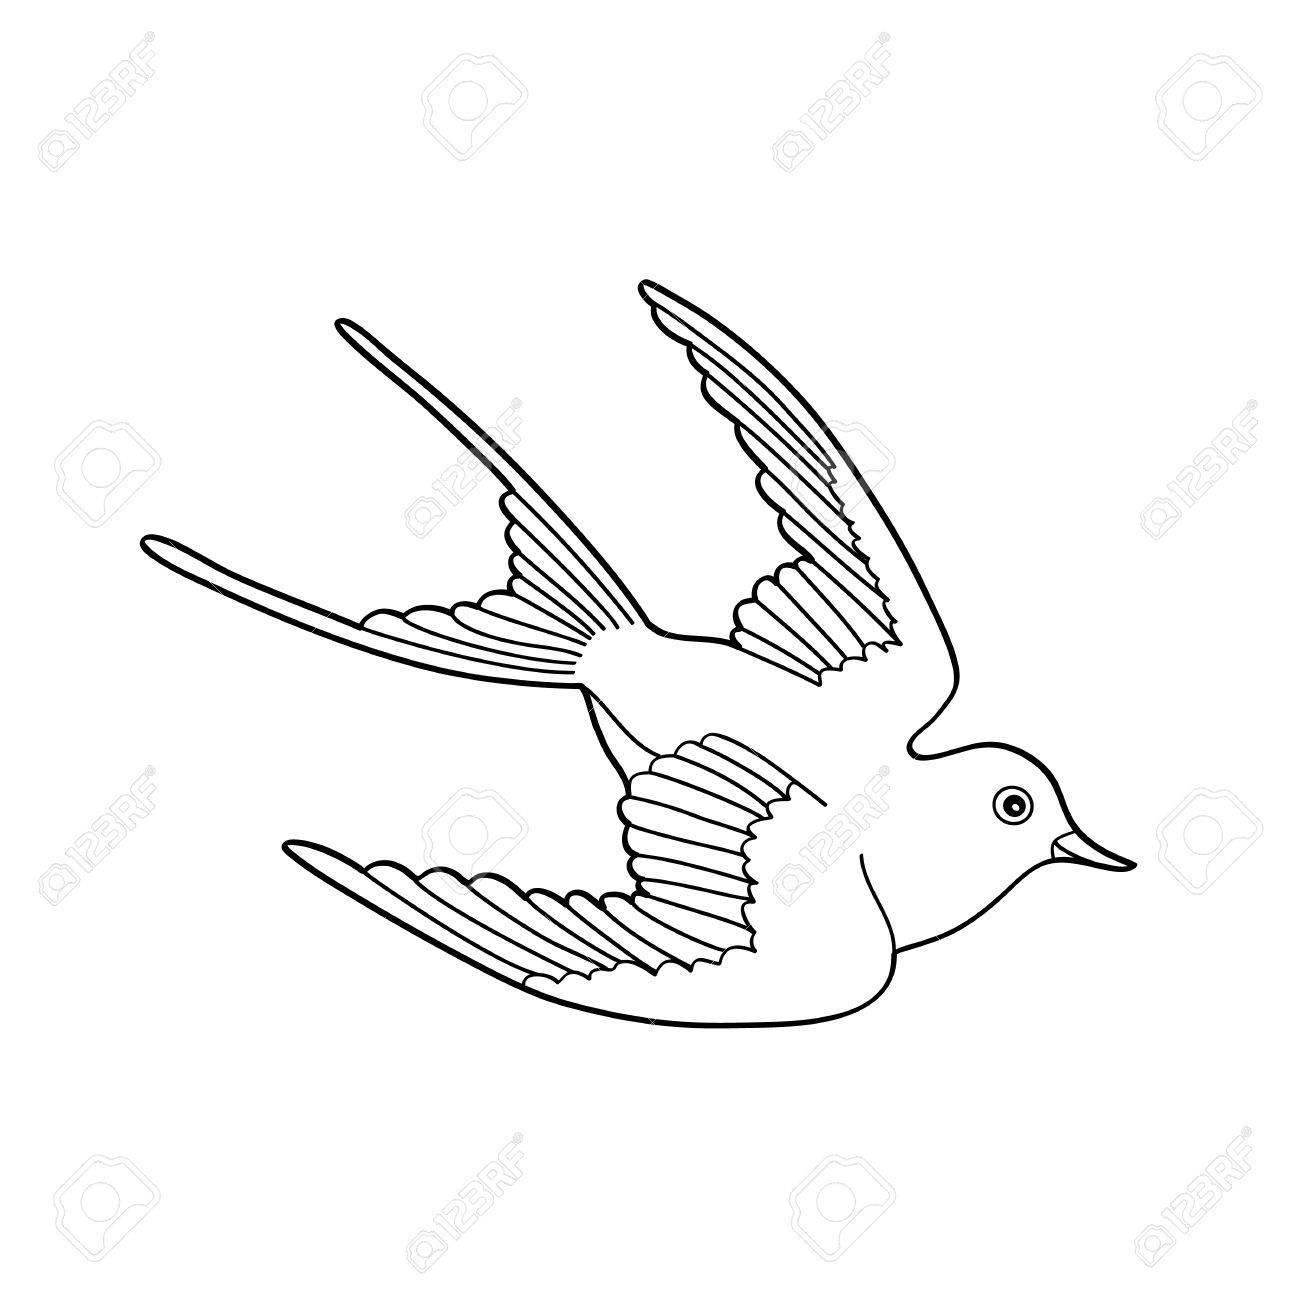 Kontur Bild Der Vogel Fliegen Hand Gezeichnet Isoliert Auf Weißem ...